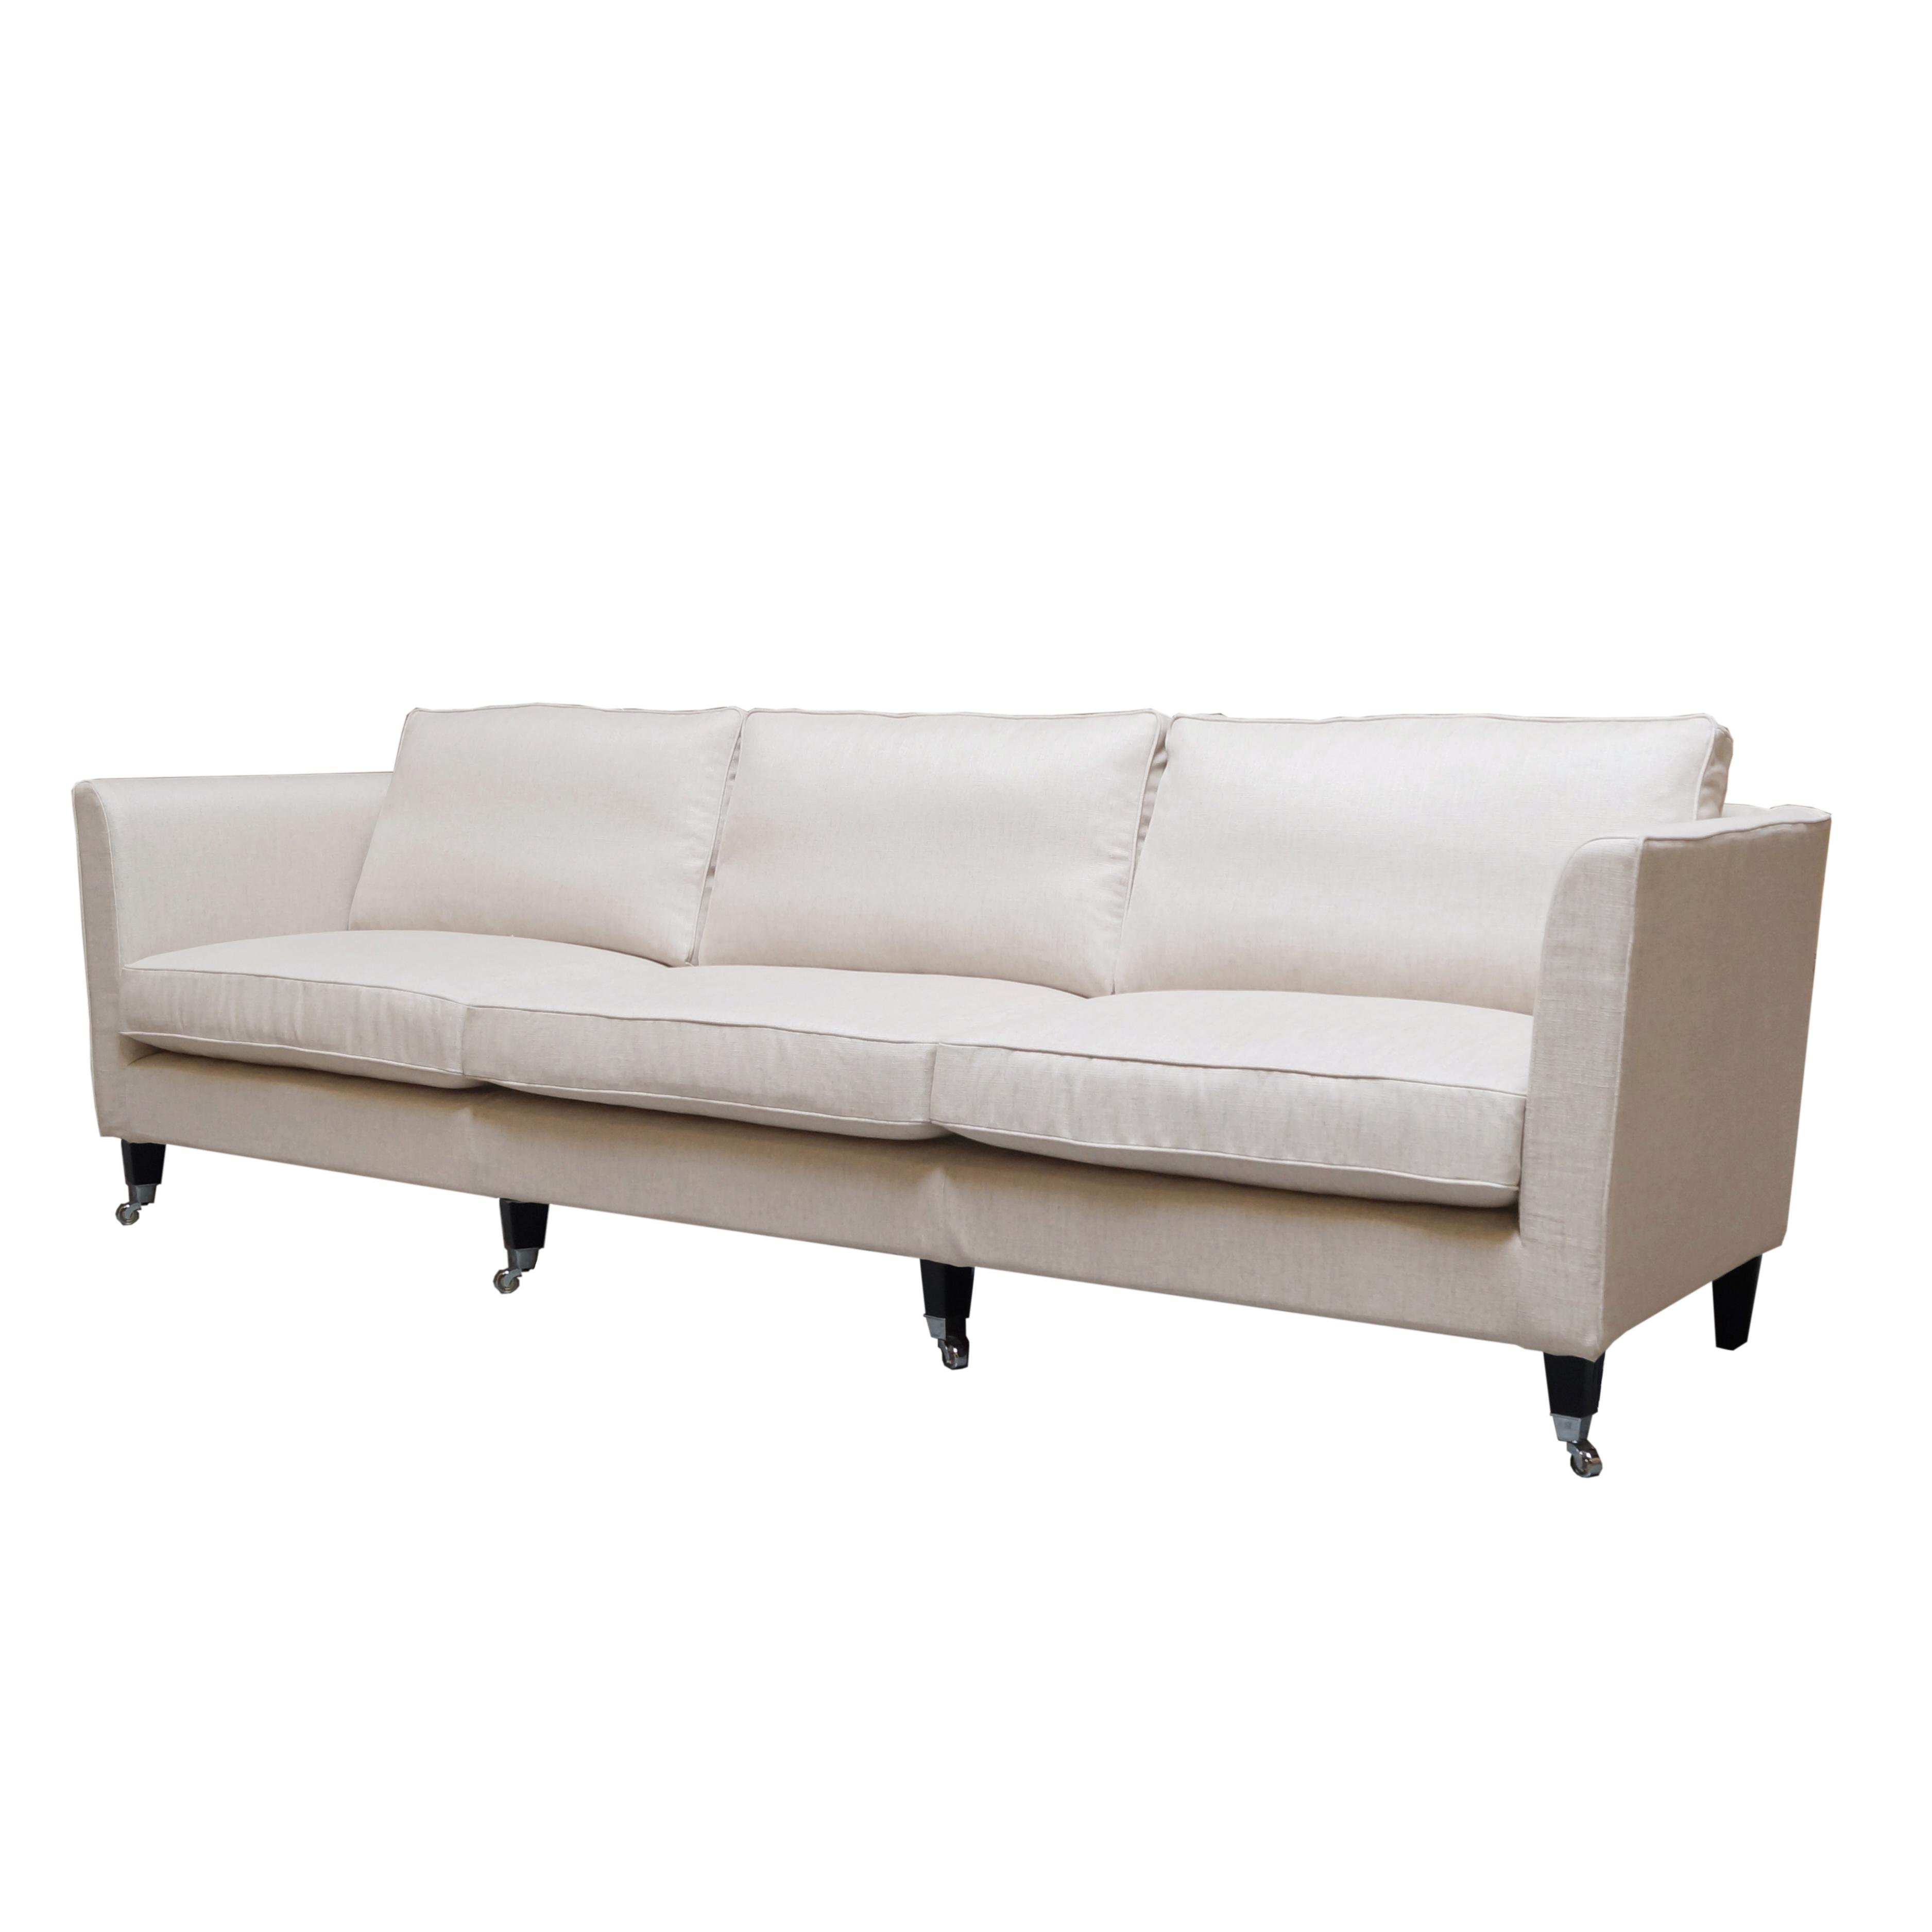 Carlton soffa 4-sits snett framifrån - englesson.se